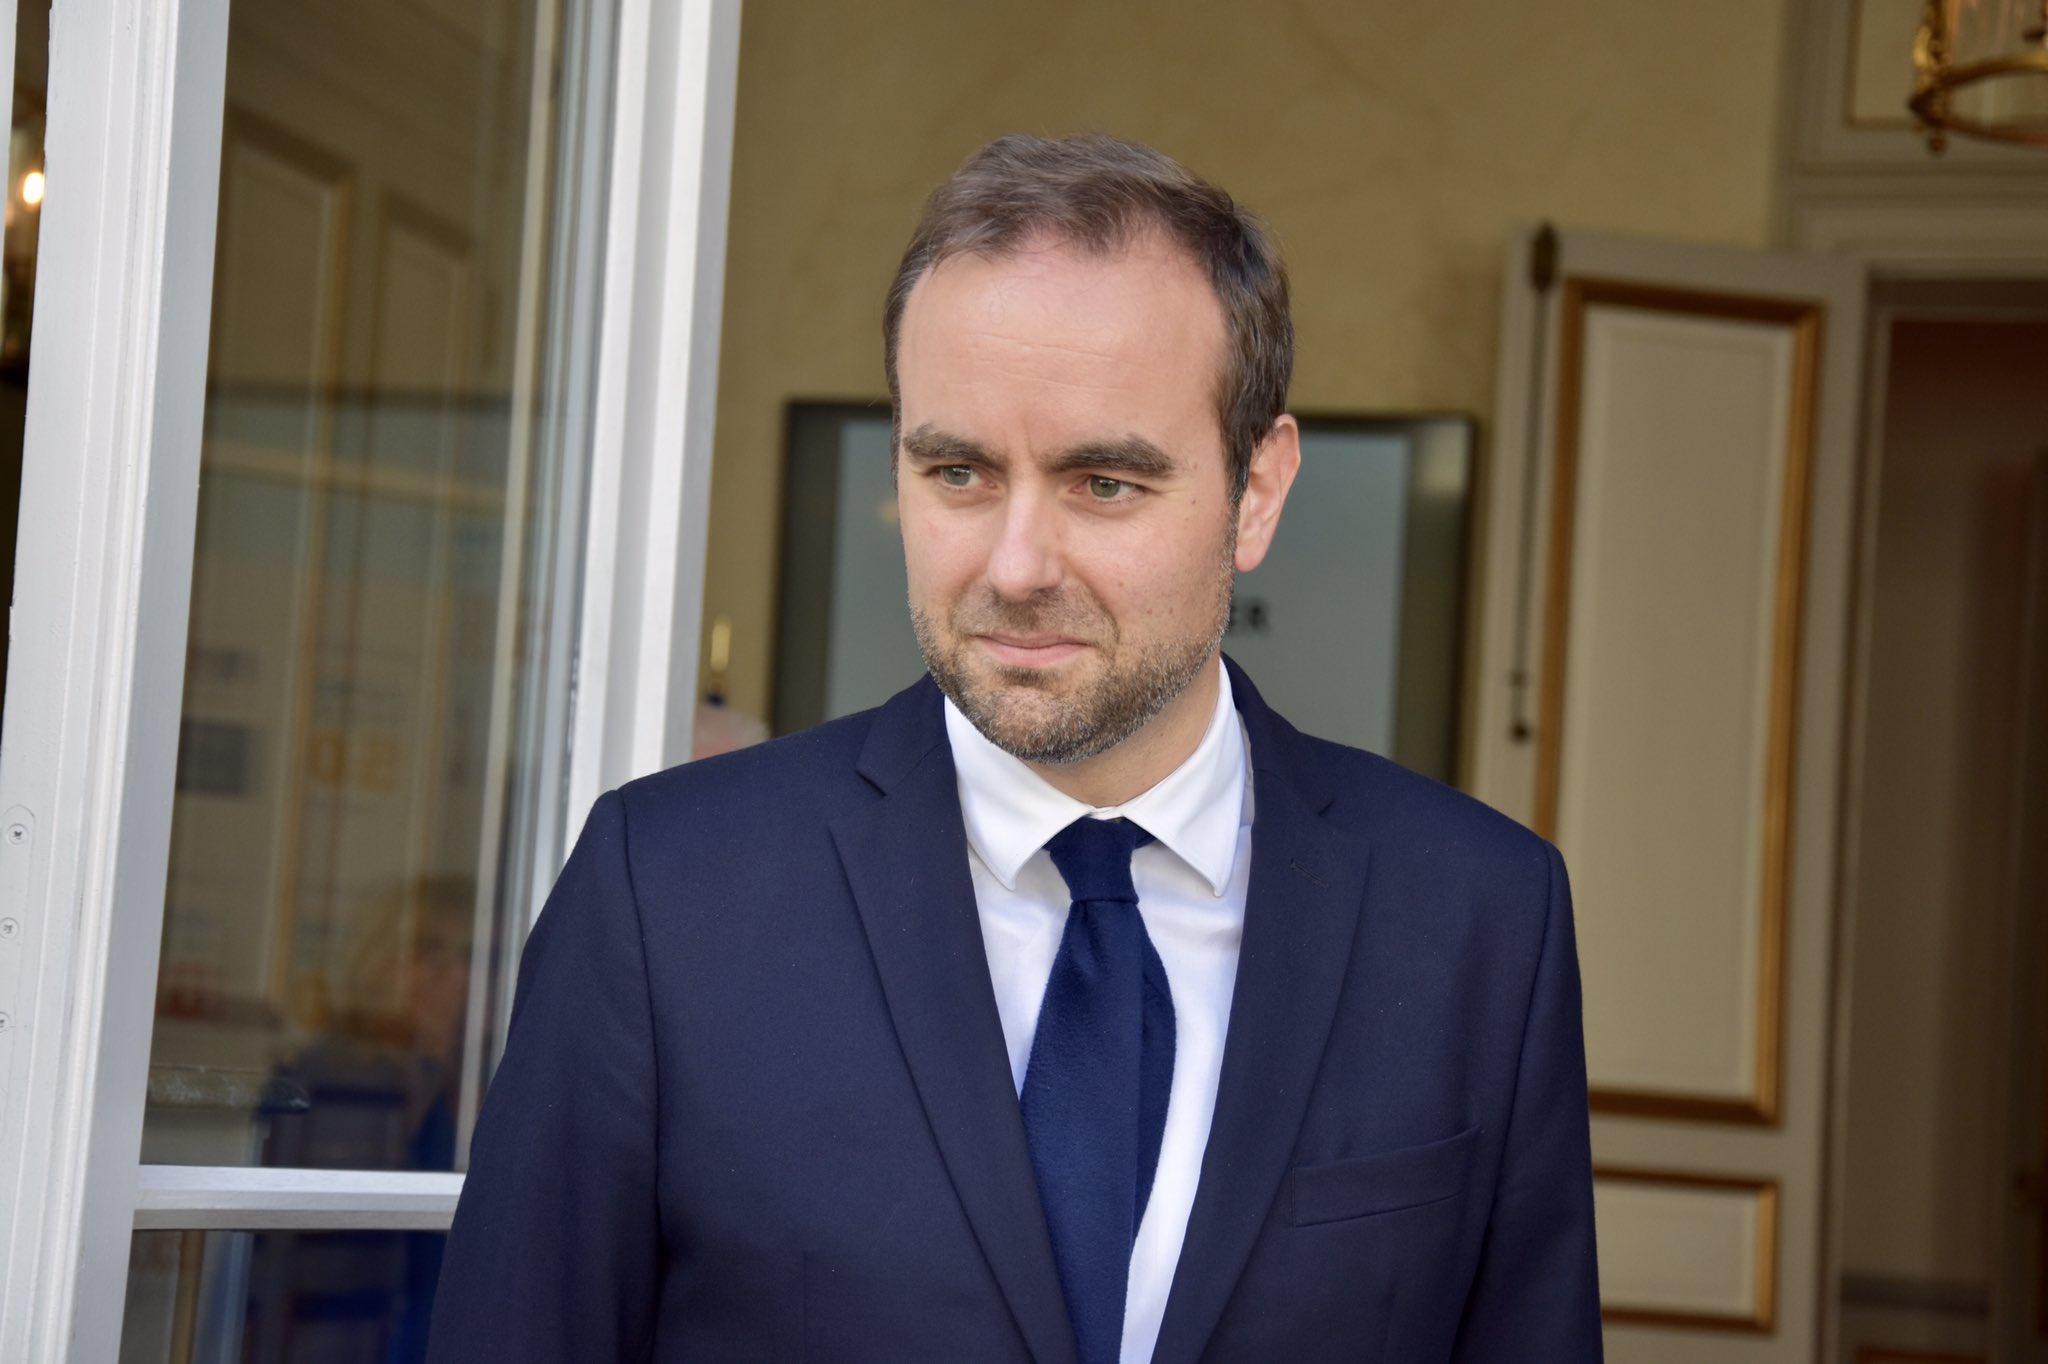 Nouvelle-Calédonie : Dans une tribune au JDD, Sébastien Lecornu appelle à « une nouvelle solution consensuelle » entre indépendantistes et non indépendantistes